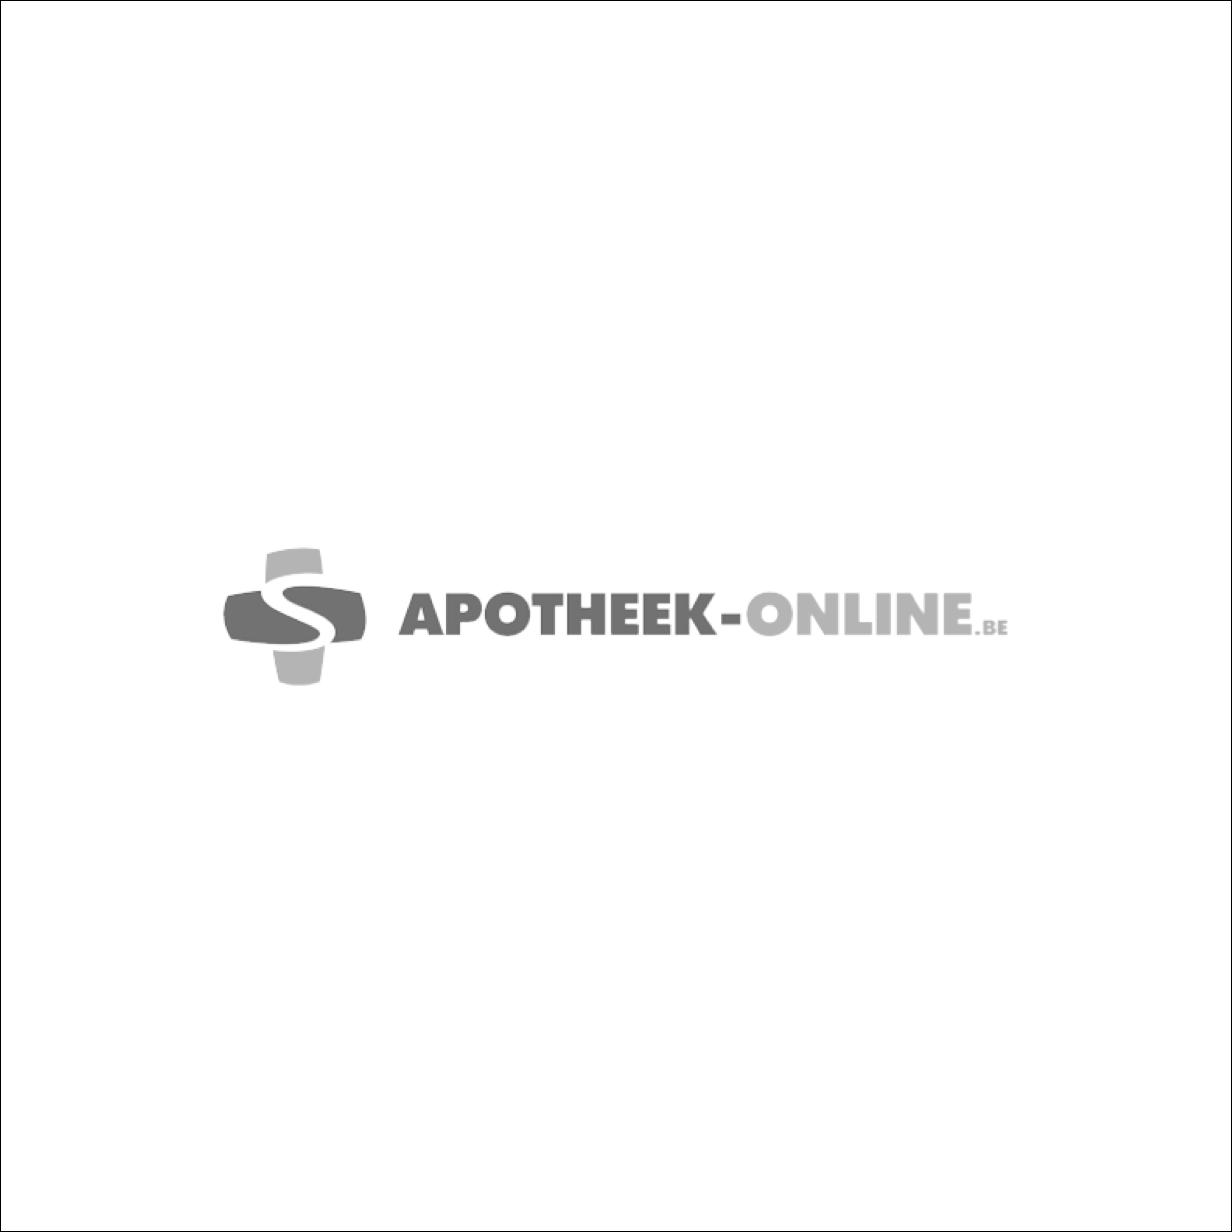 Bota Handpolsband 201 Skin L 1 Stuk